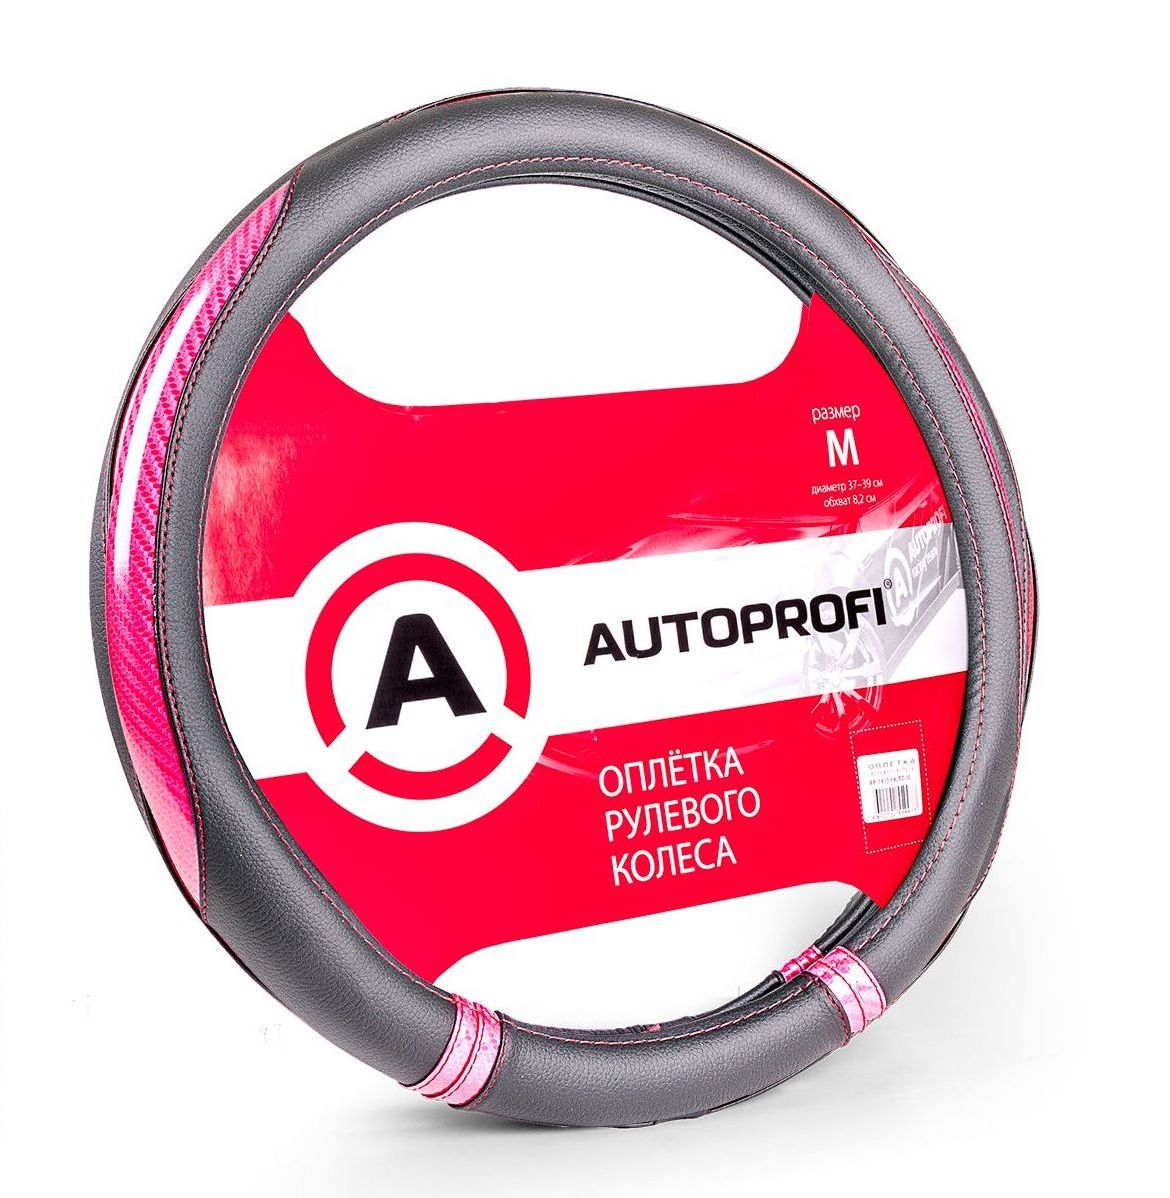 Оплетка Autoprofi Ap-1412 bk/pink (m)